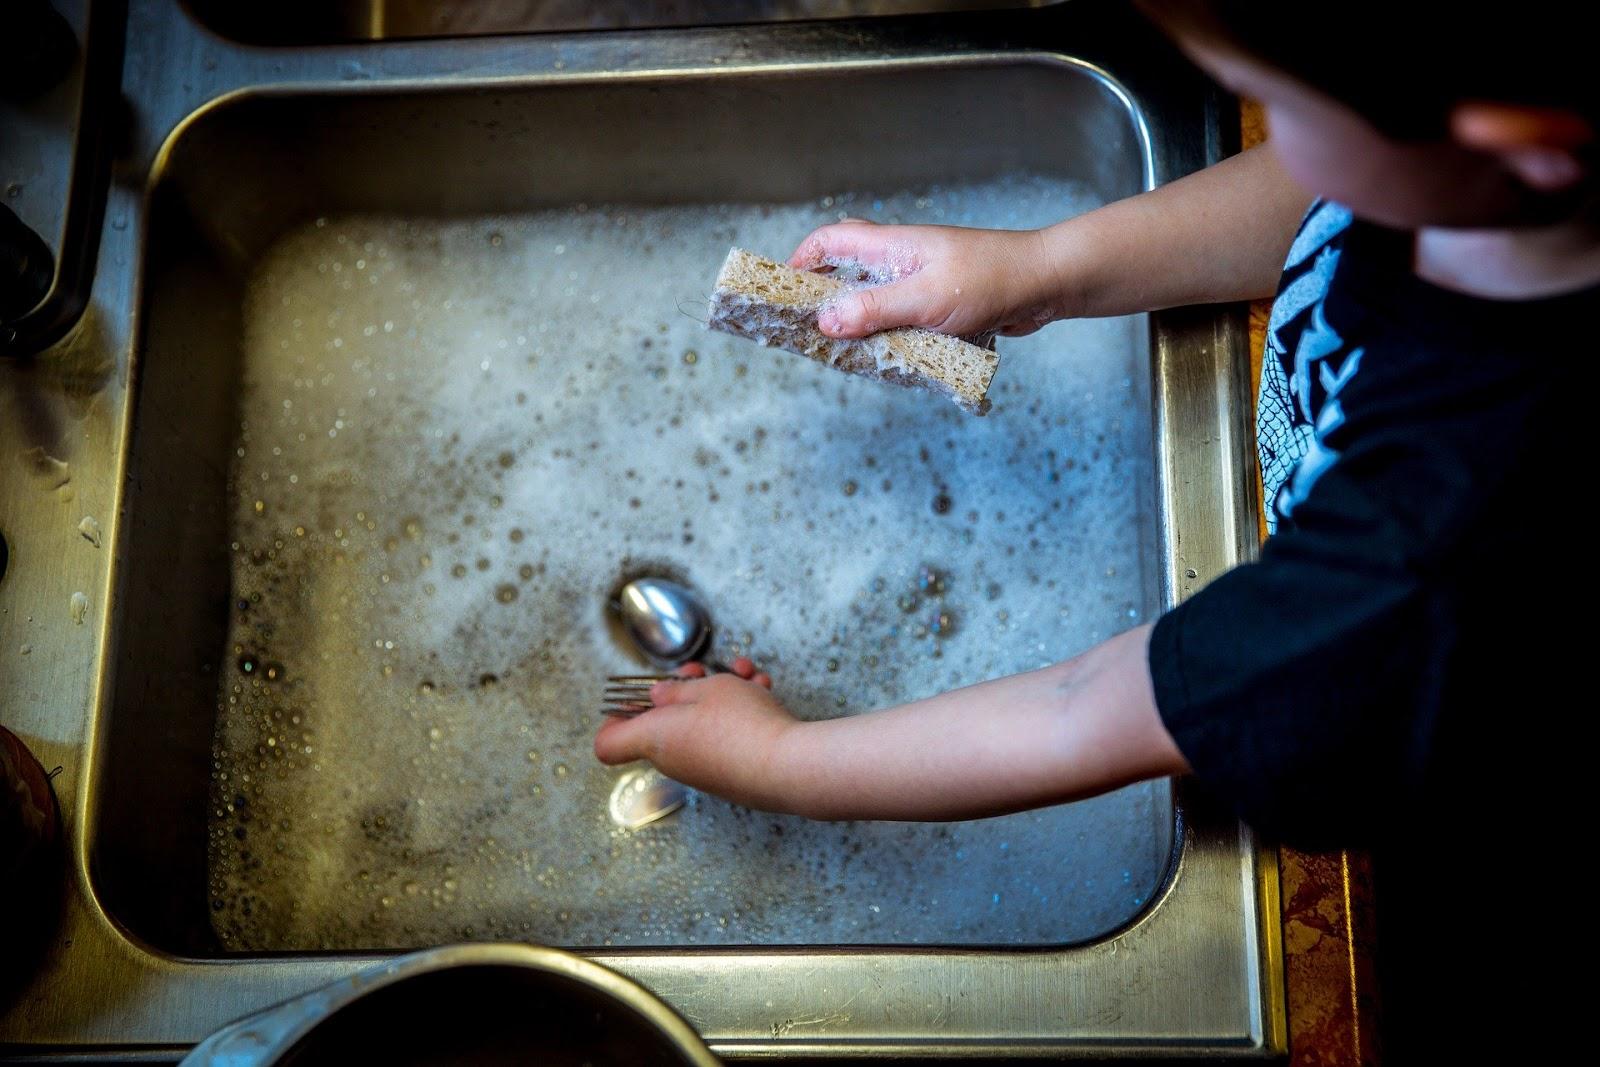 ילד שוטף כלים בכיור